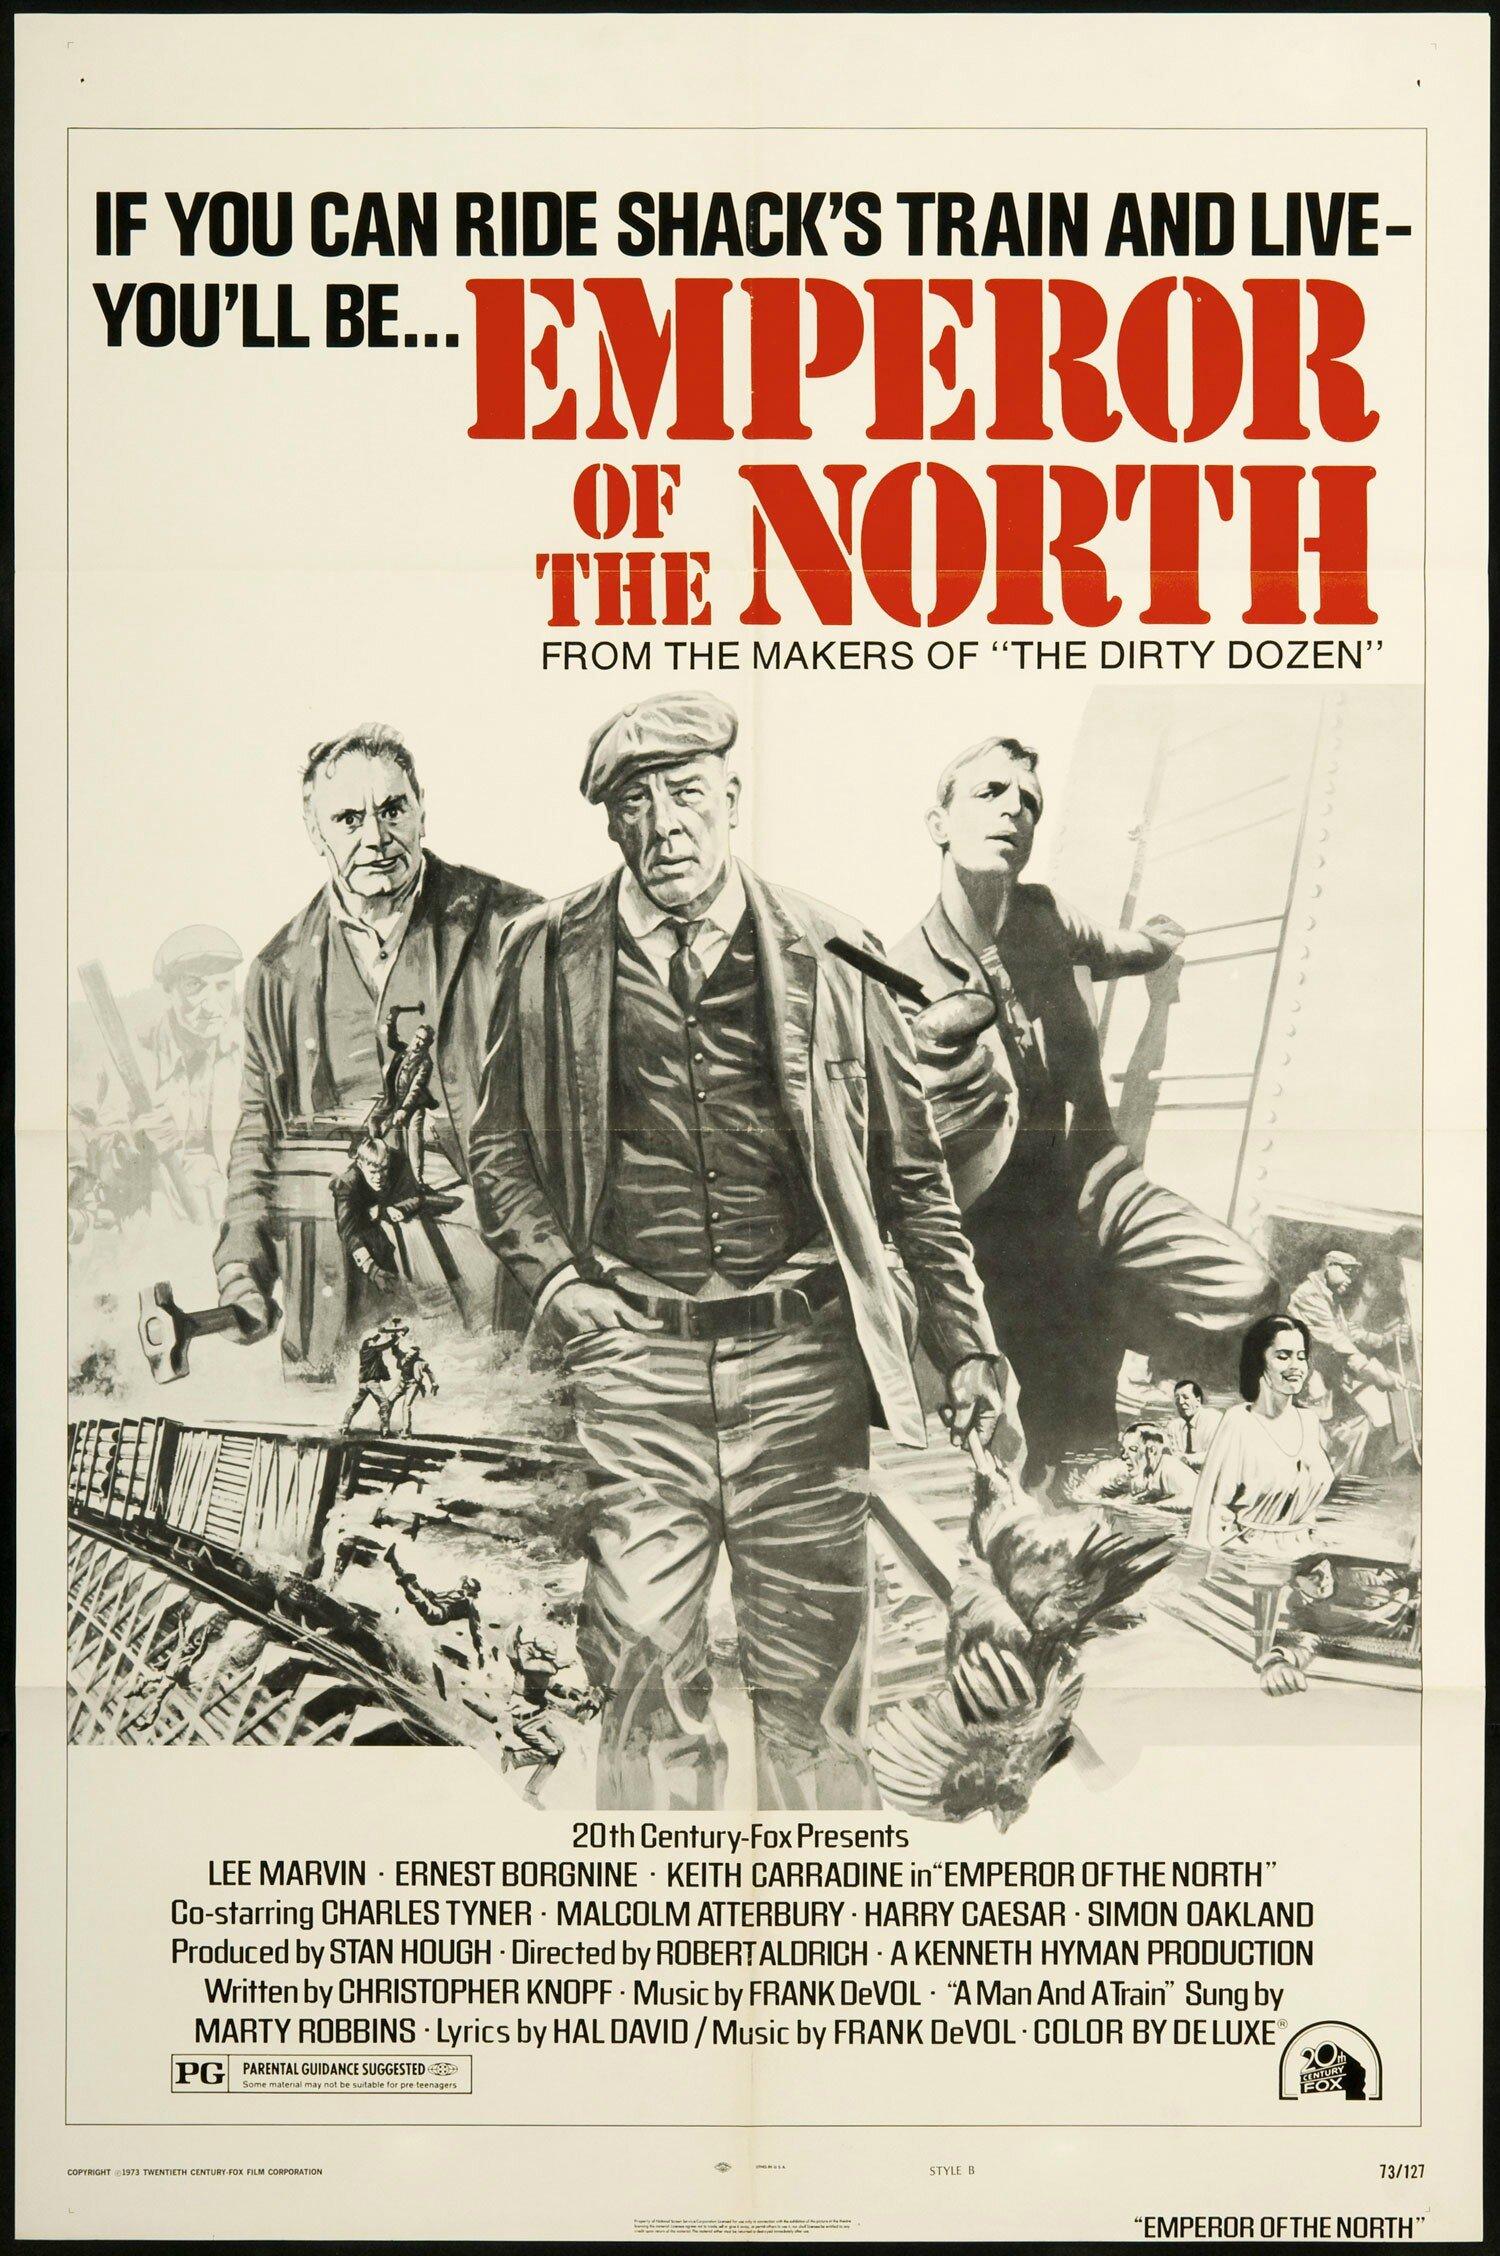 Últimas películas que has visto (las votaciones de la liga en el primer post) - Página 14 Emperor+of+the+North+Pole+cartel